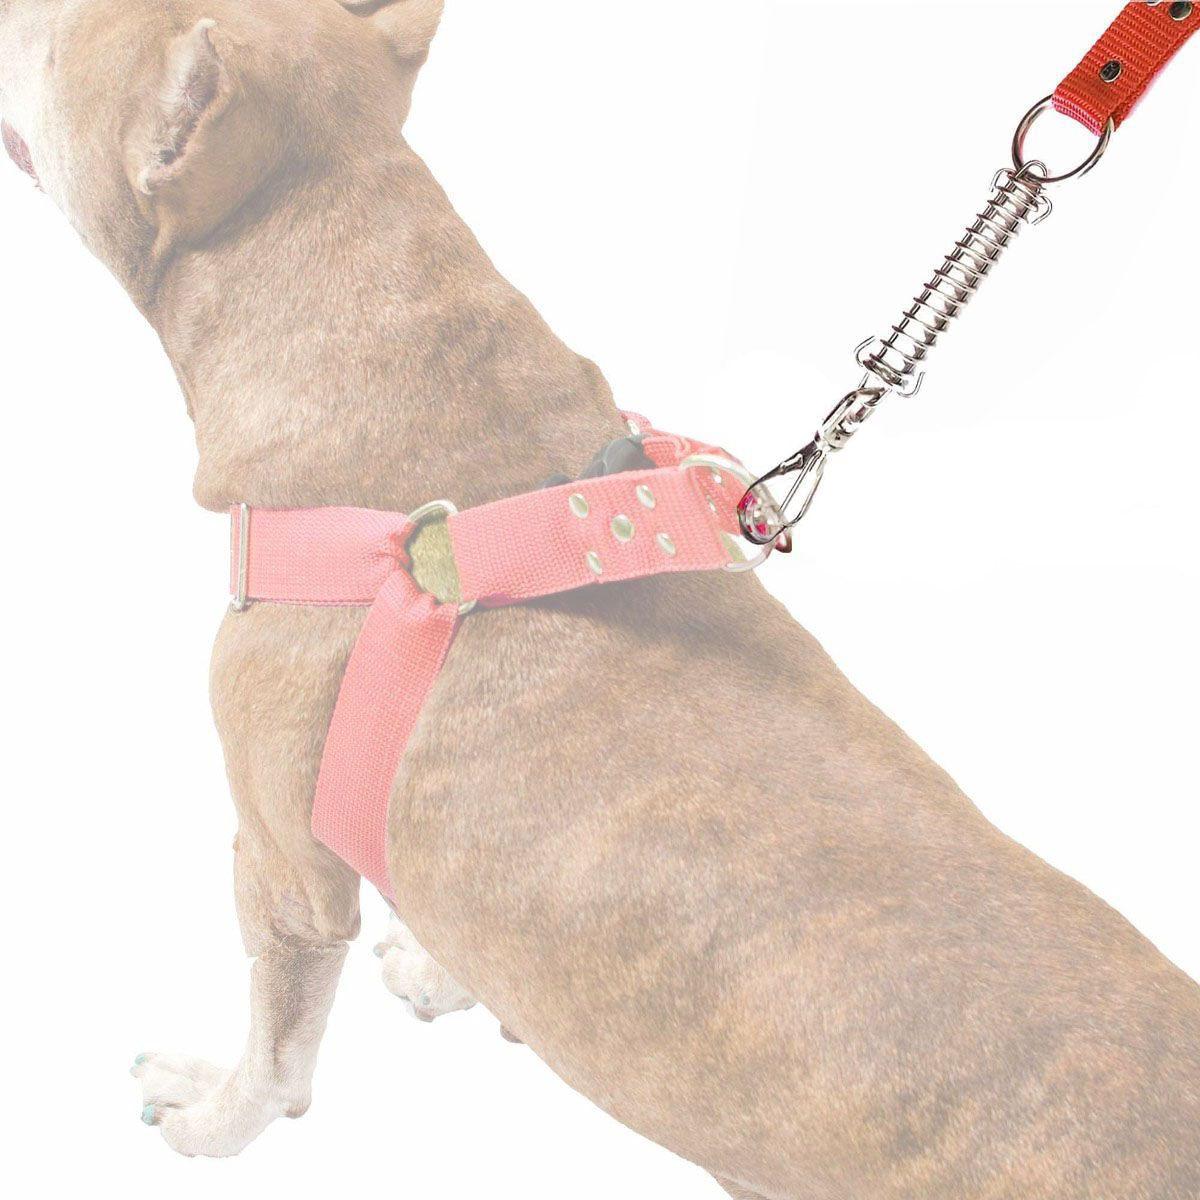 Guia Anti Puxão Com Mola de 1 Metro Resistente Para Cachorros de Maior Porte - Cor Vermelha